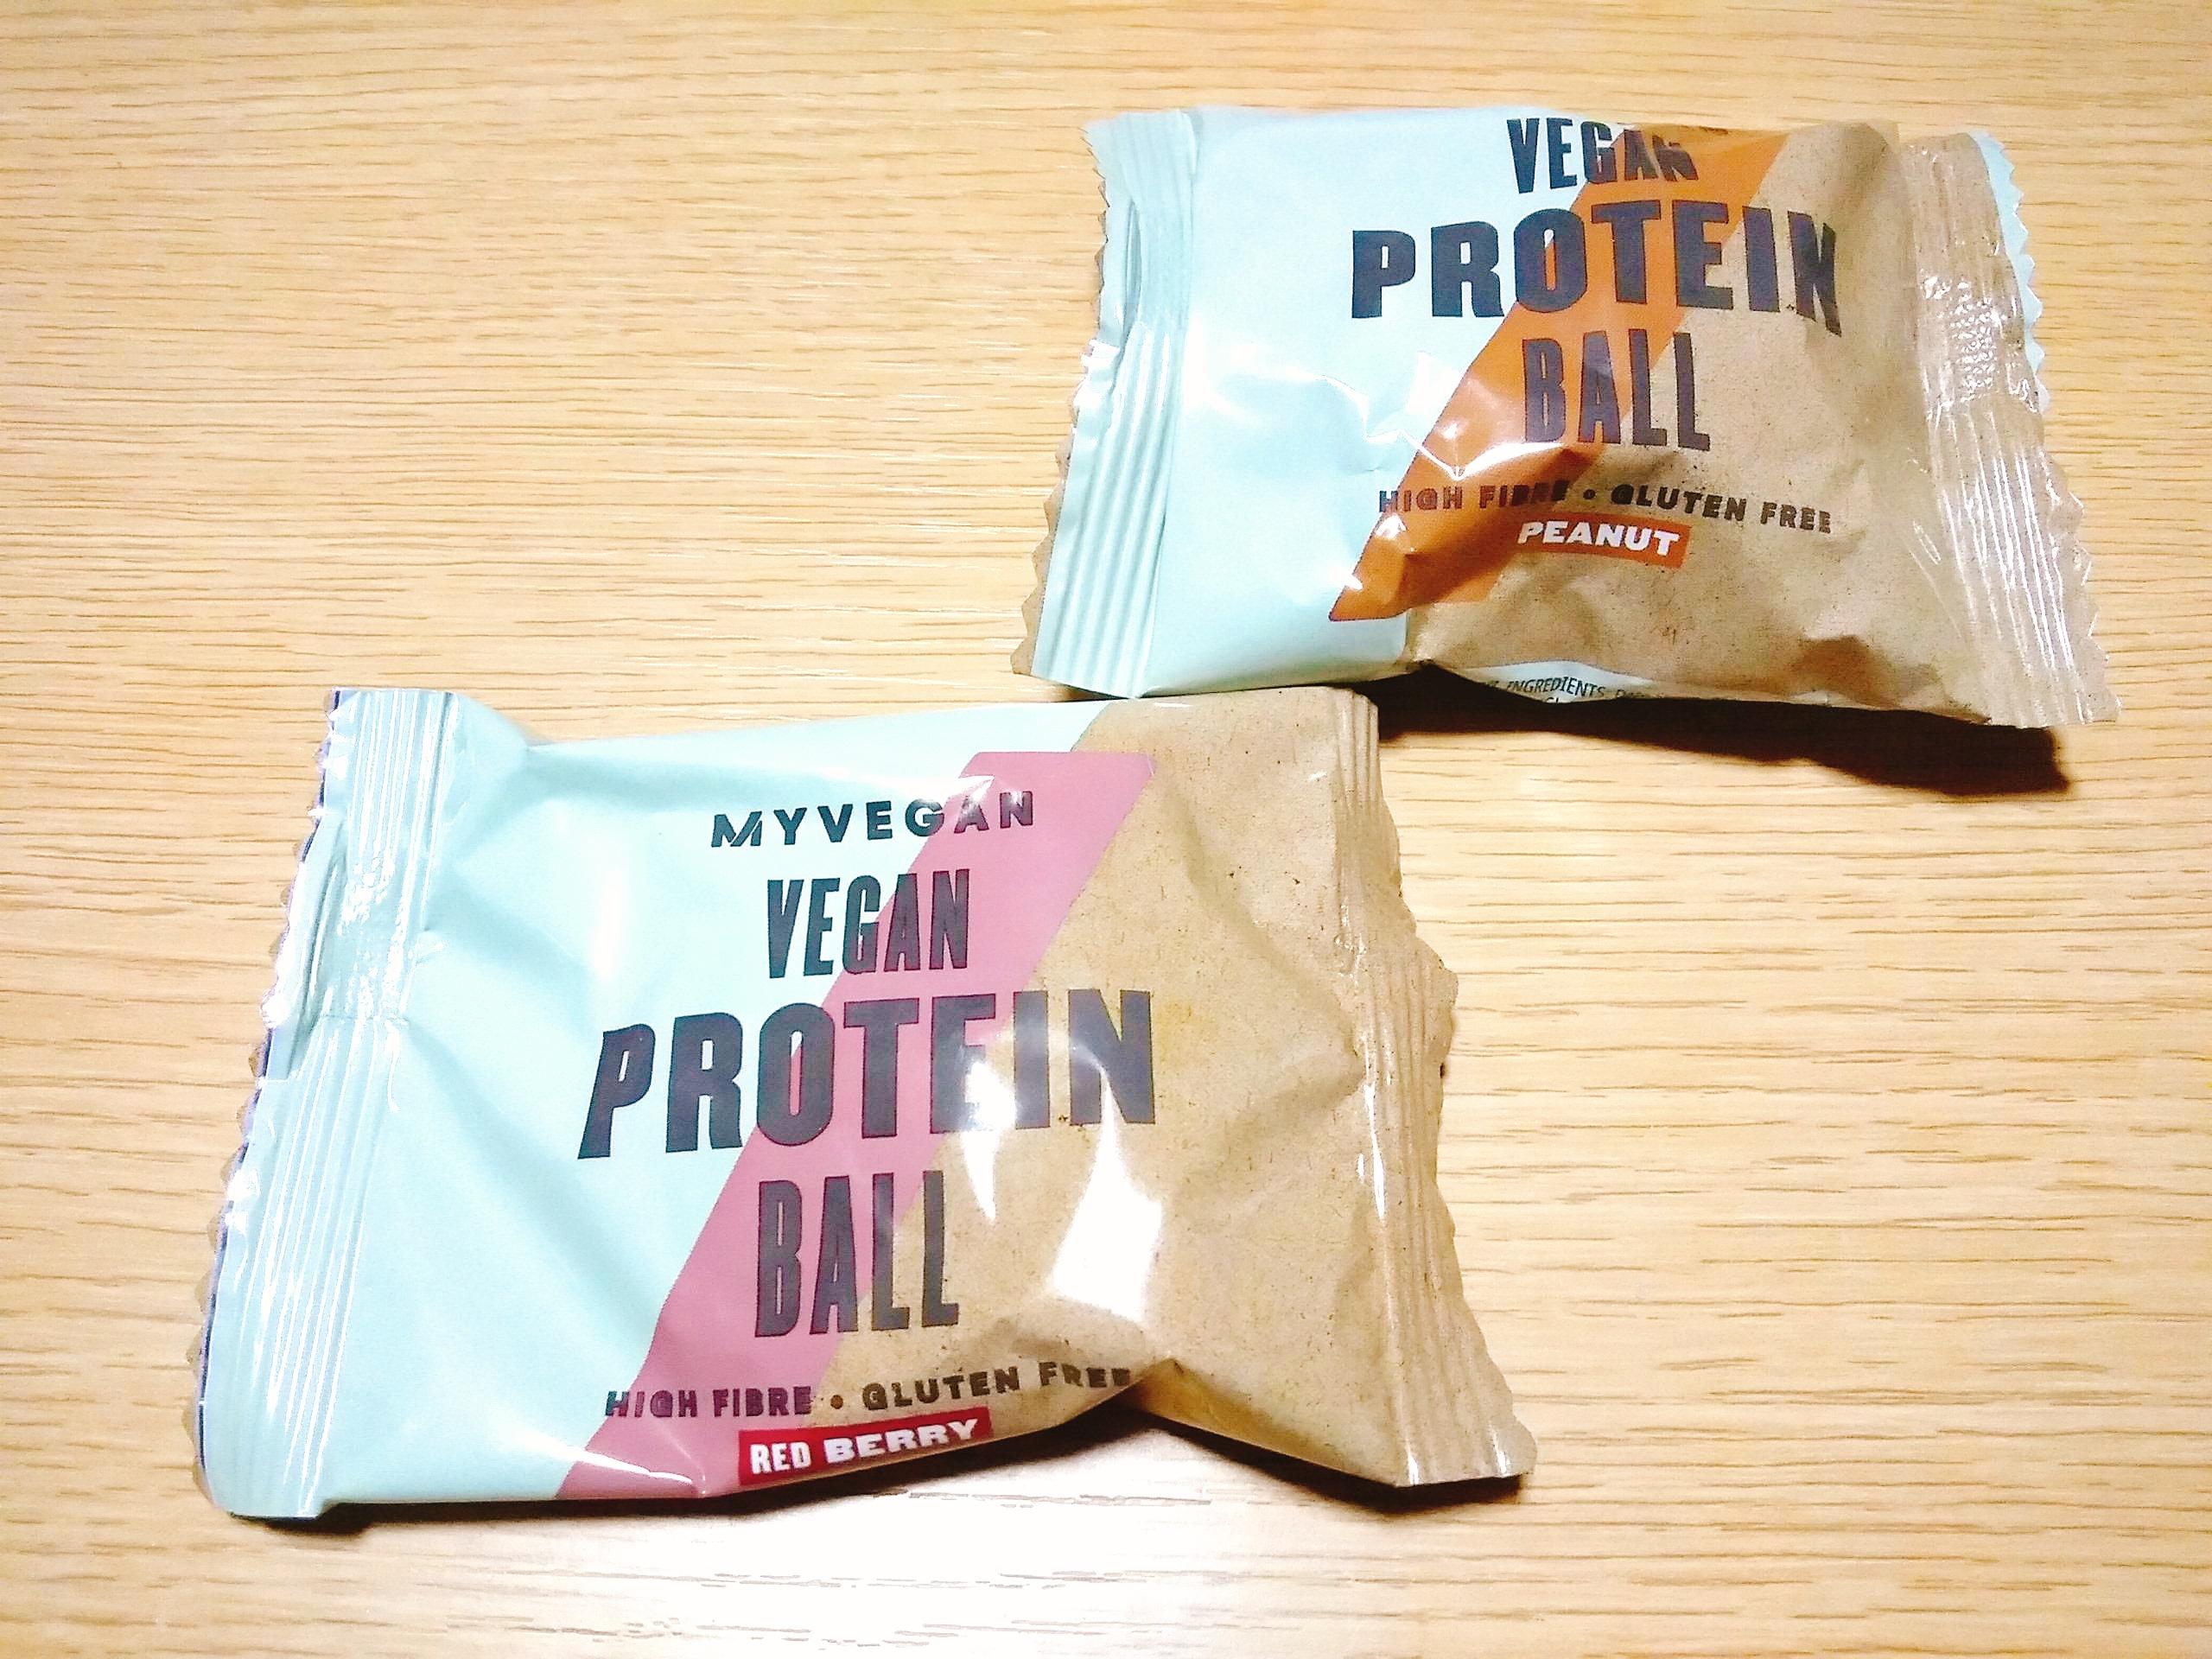 マイプロテインのビーガンプロテインボールをレビュー。植物性タンパク質を手間なく取れるプロテインスナック